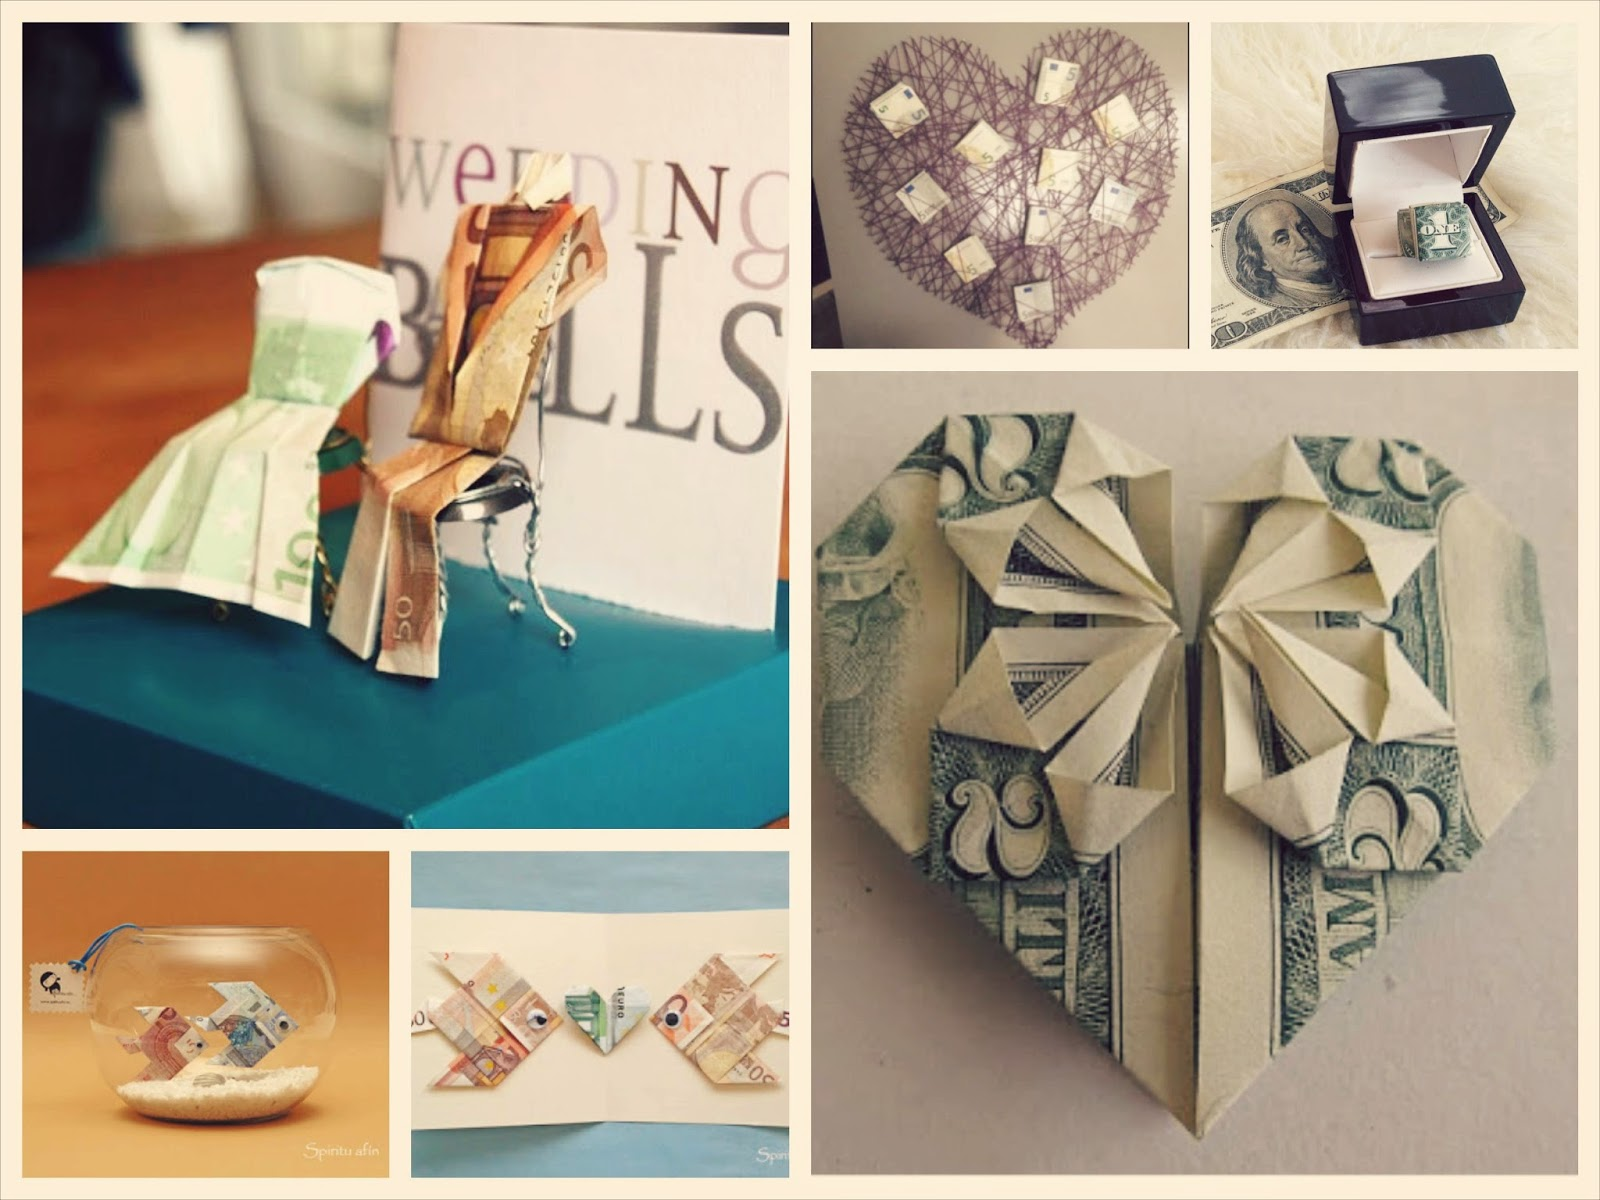 Regalos diferentes y originales para los novios, dar dinero en una boda de forma original